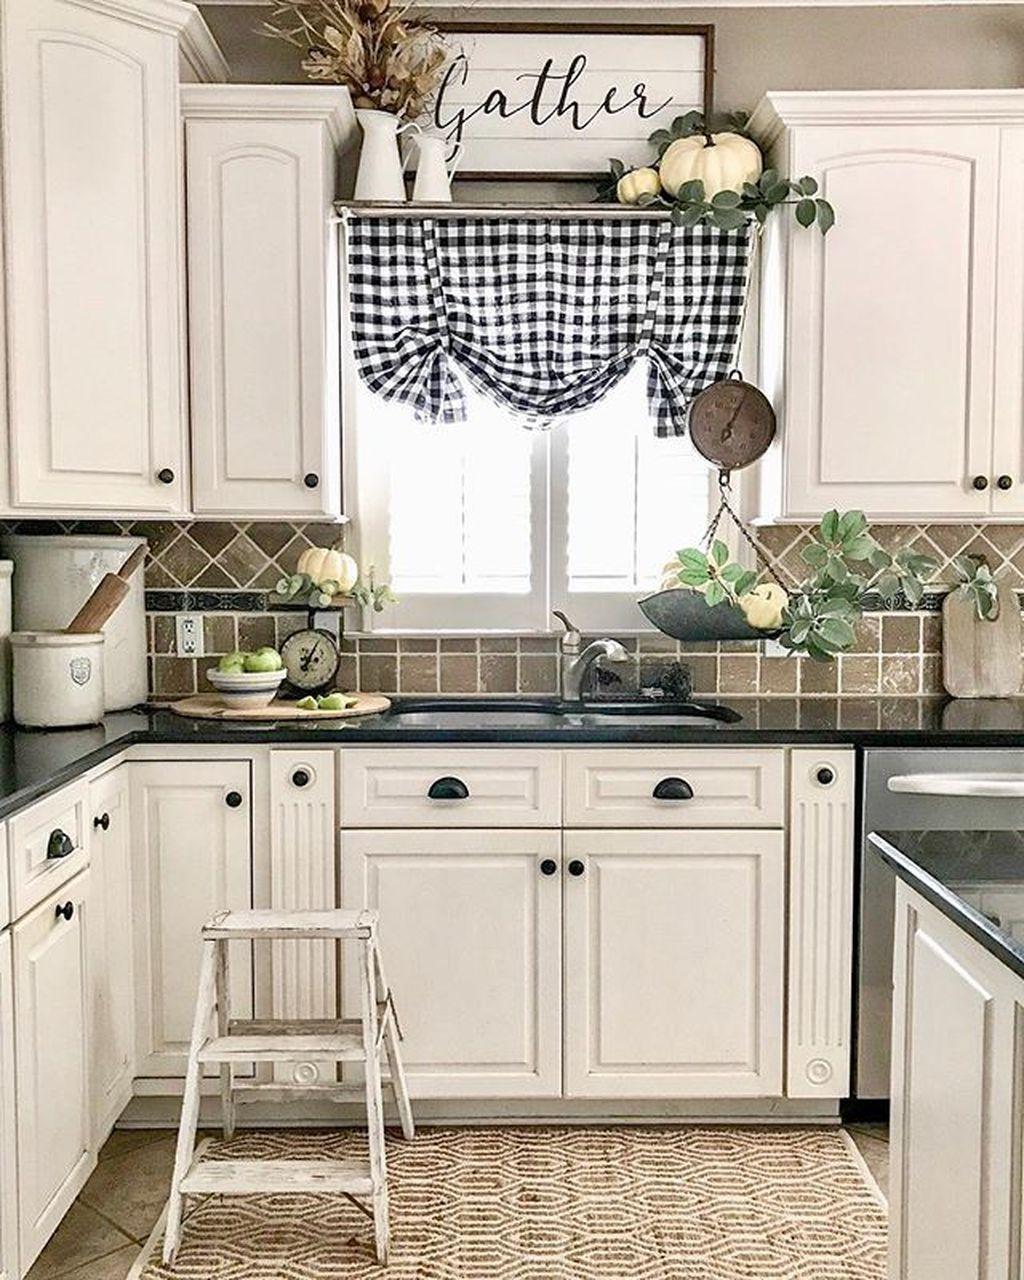 46 Fabulous Country Kitchen Designs Ideas: Fabulous Farmhouse Kitchen Decor Ideas In 2019